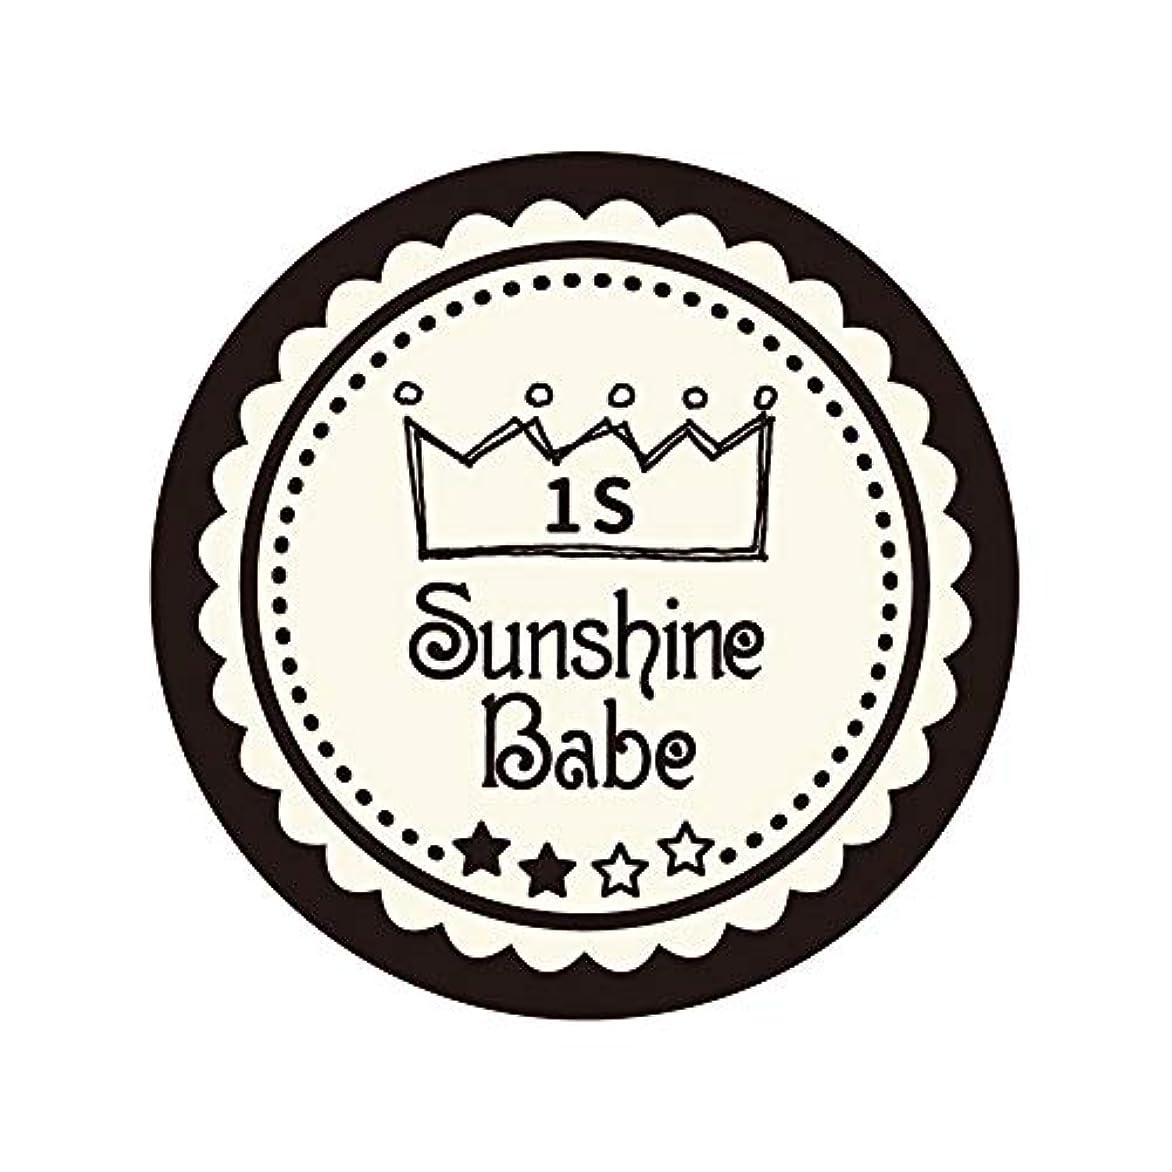 抗議コミット慣らすSunshine Babe コスメティックカラー 1S ココナッツミルク 4g UV/LED対応タイオウ